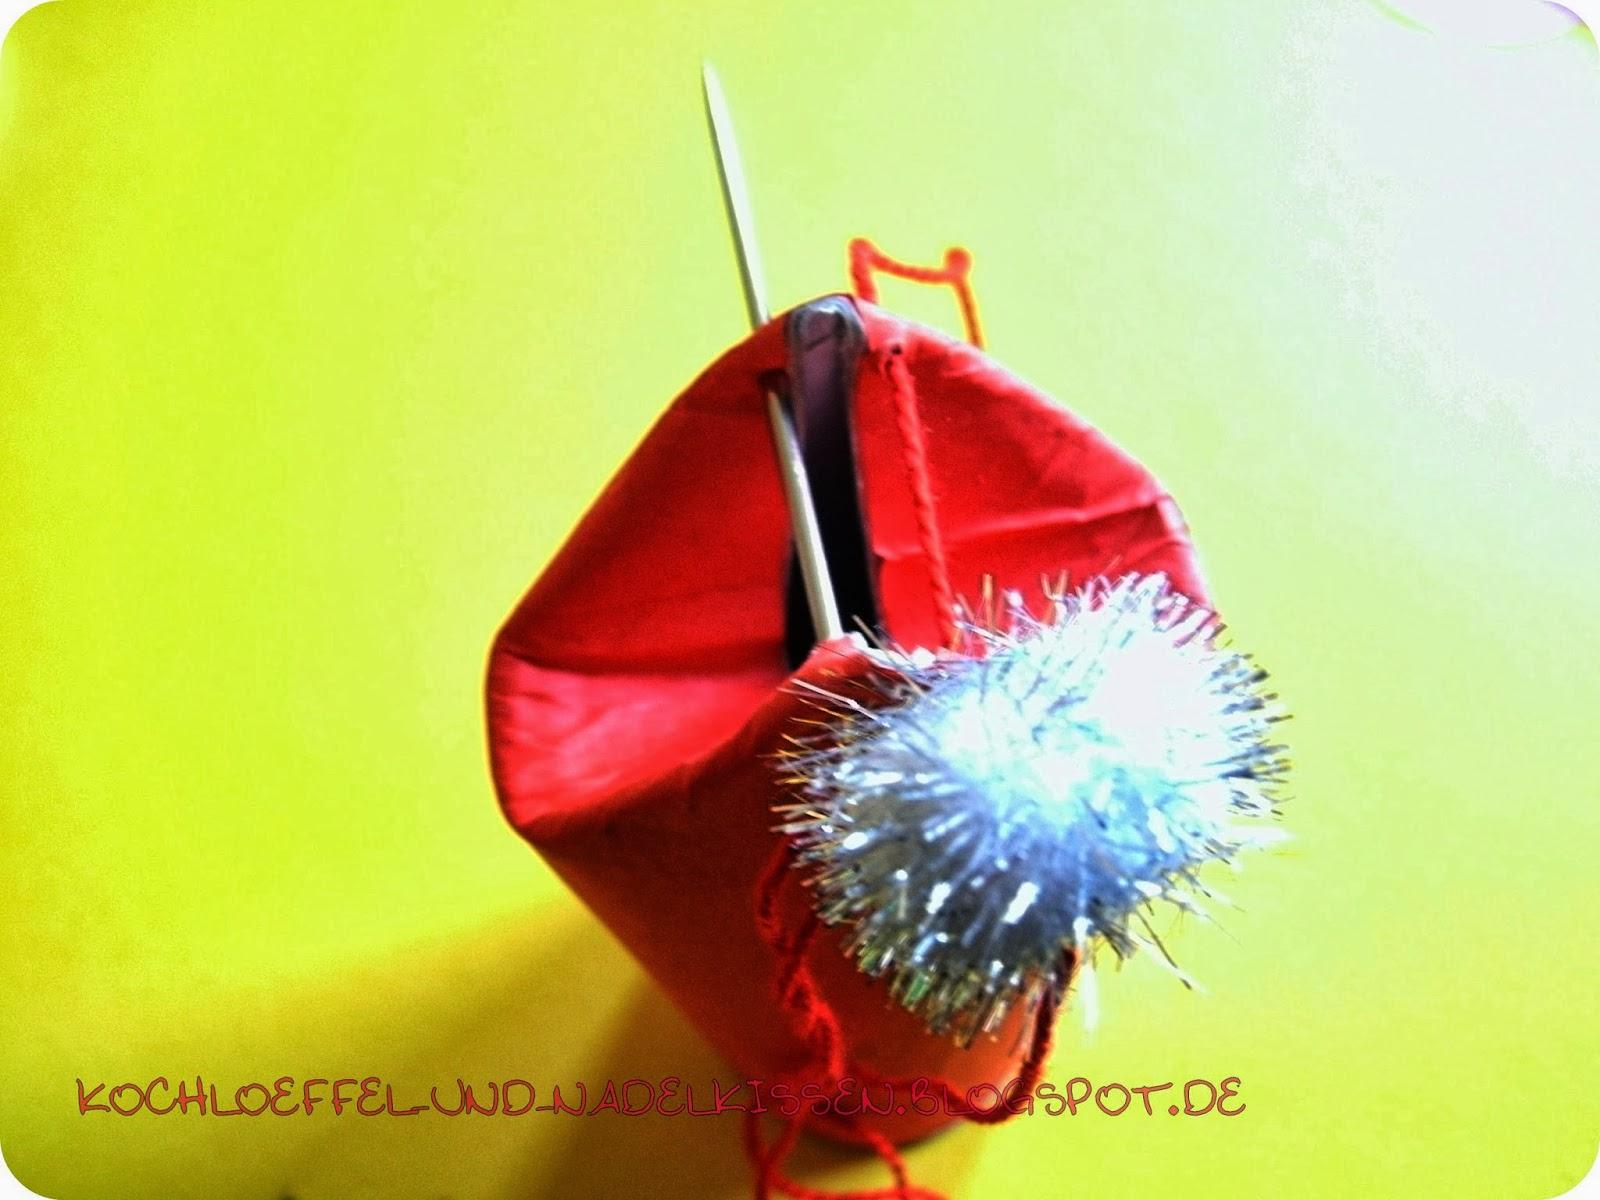 kochloeffel und nadelkissen kleine weihnachtswichtel f r den adventskalender. Black Bedroom Furniture Sets. Home Design Ideas